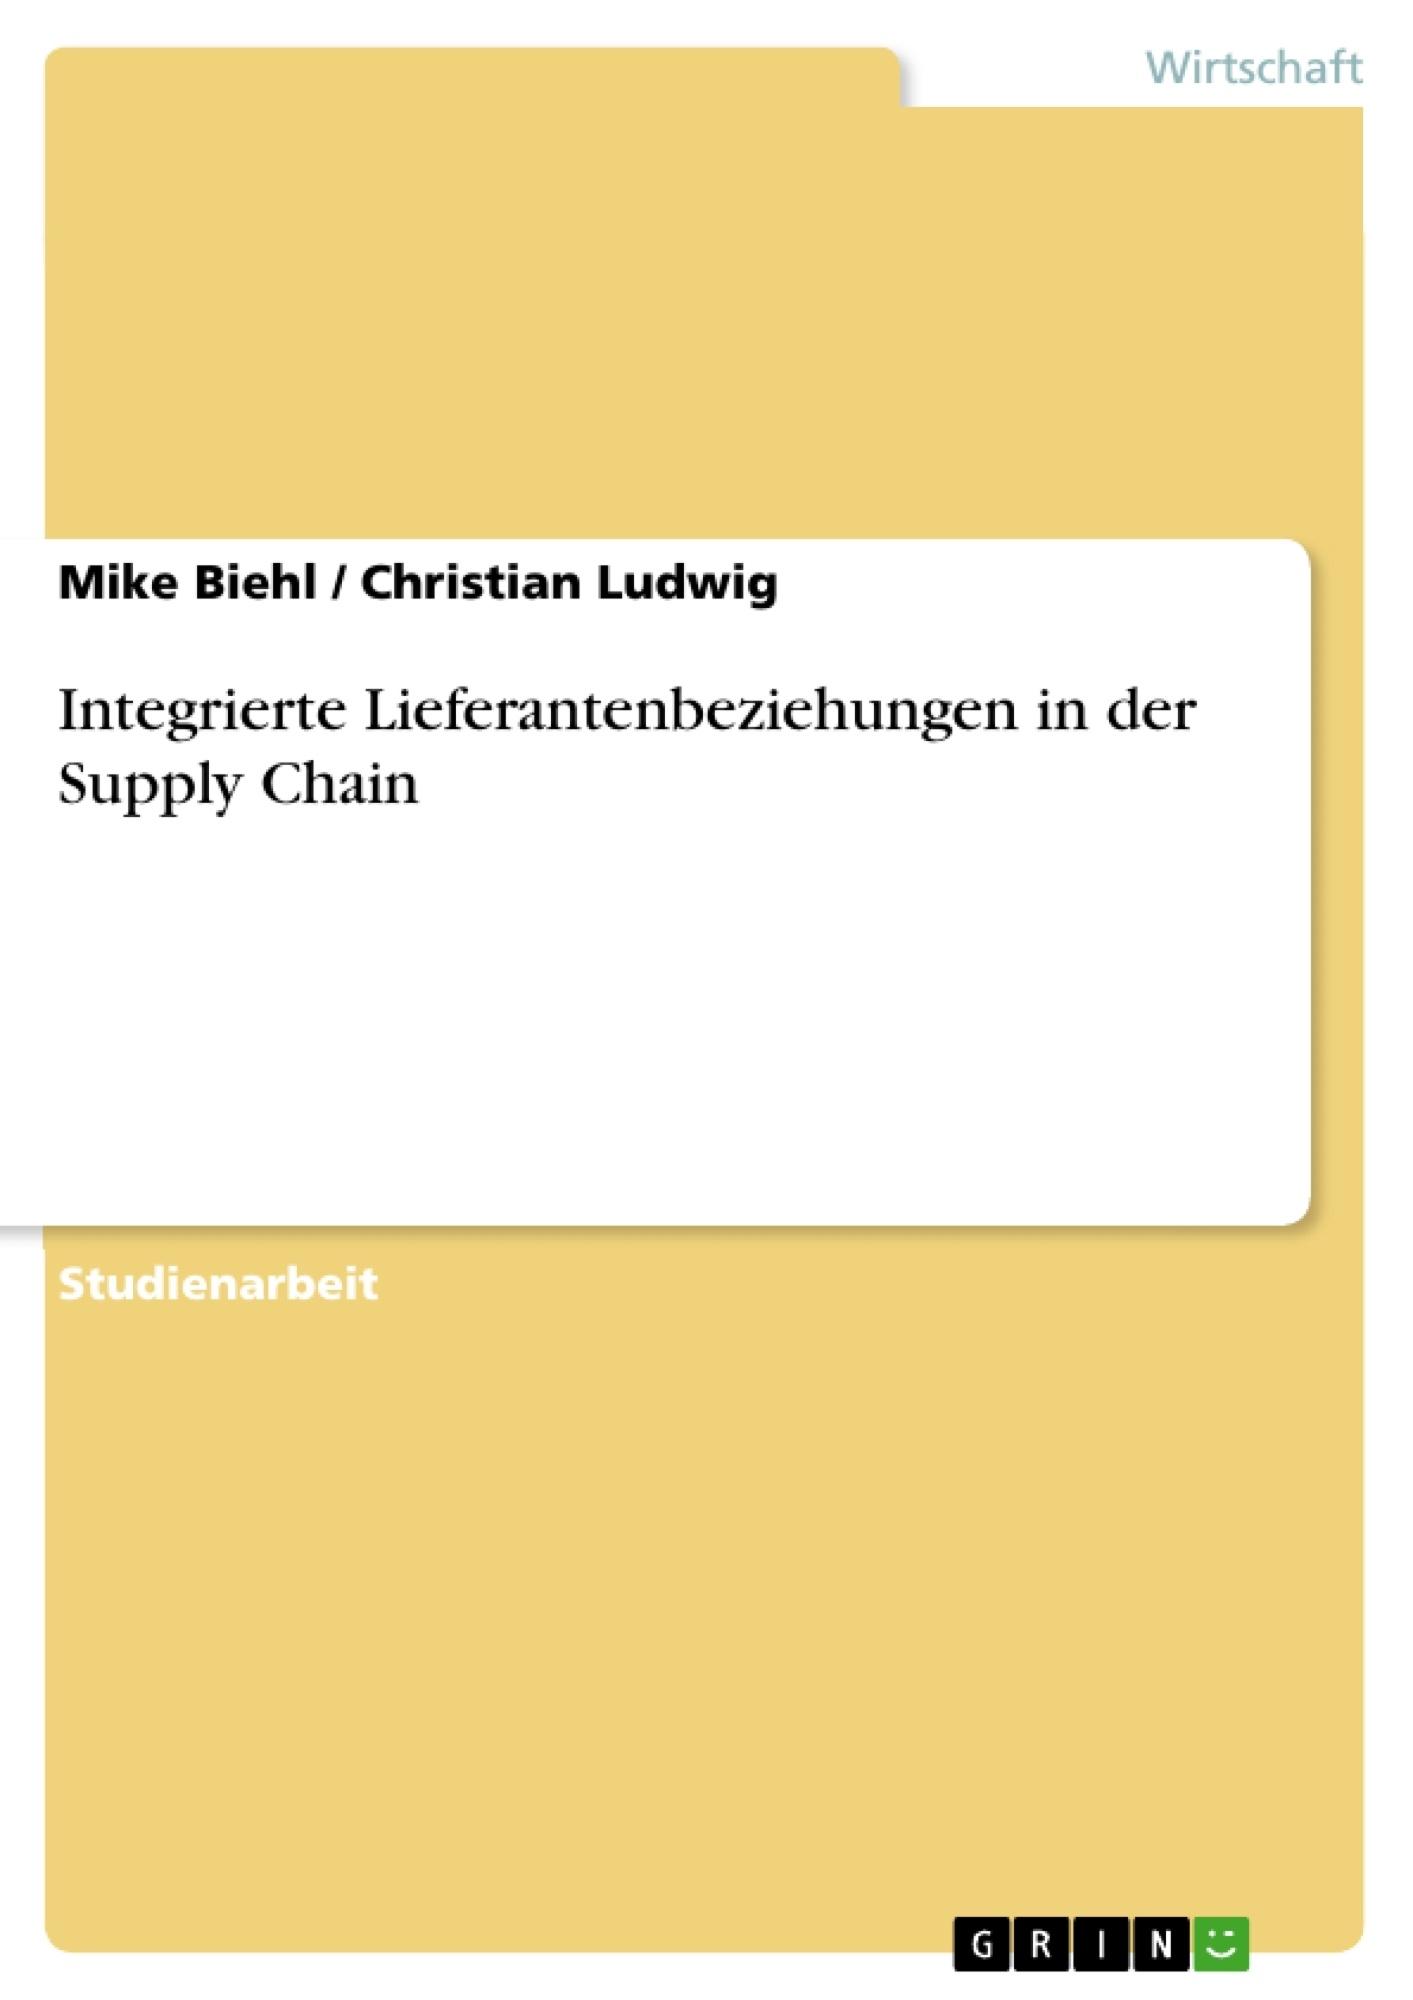 Titel: Integrierte Lieferantenbeziehungen in der Supply Chain